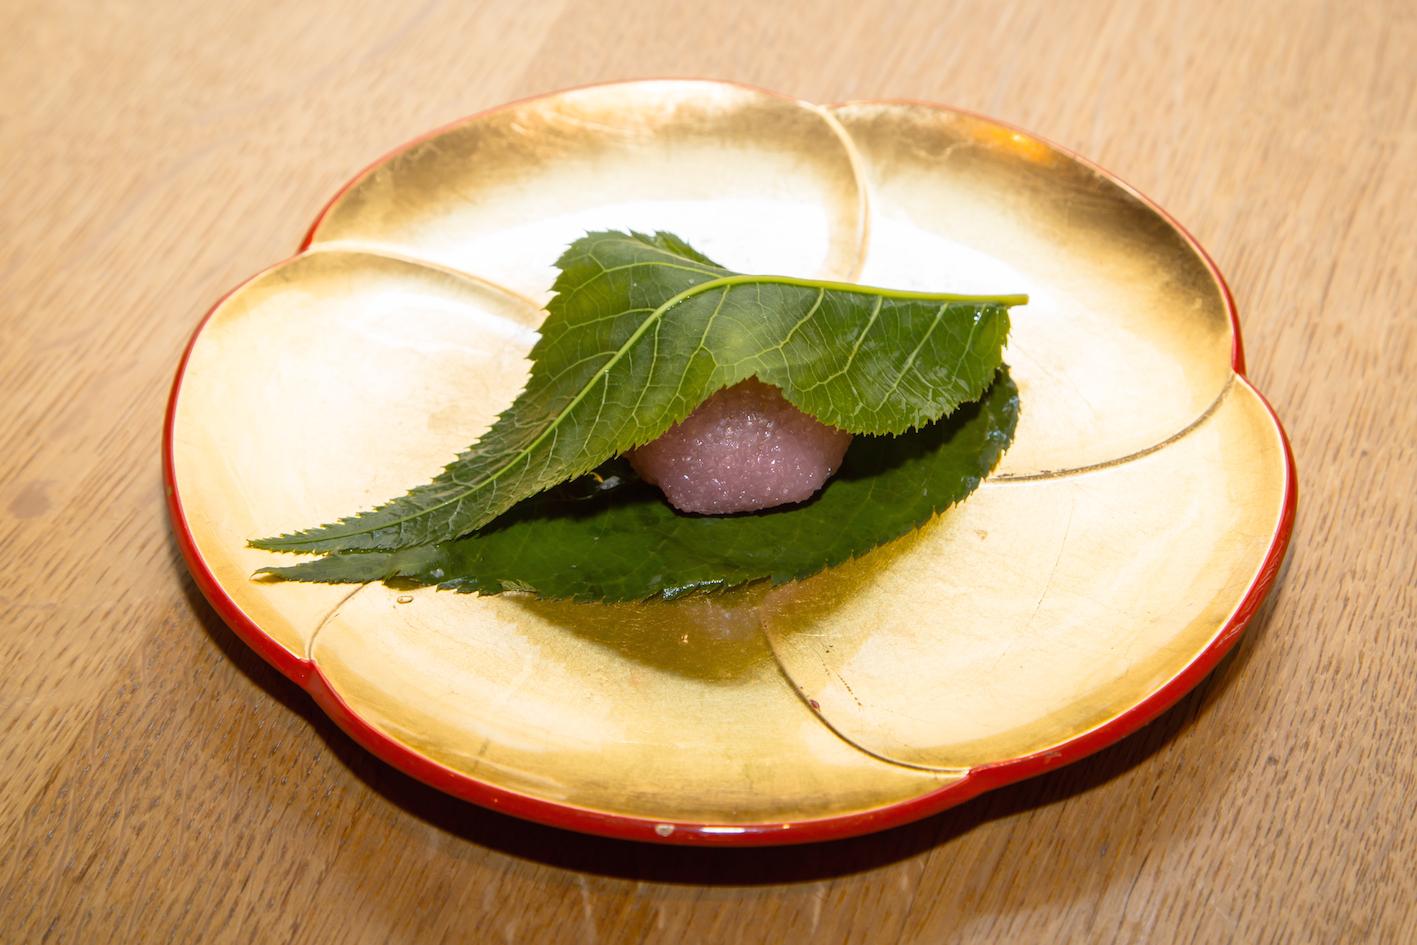 TAKANORI MURATA